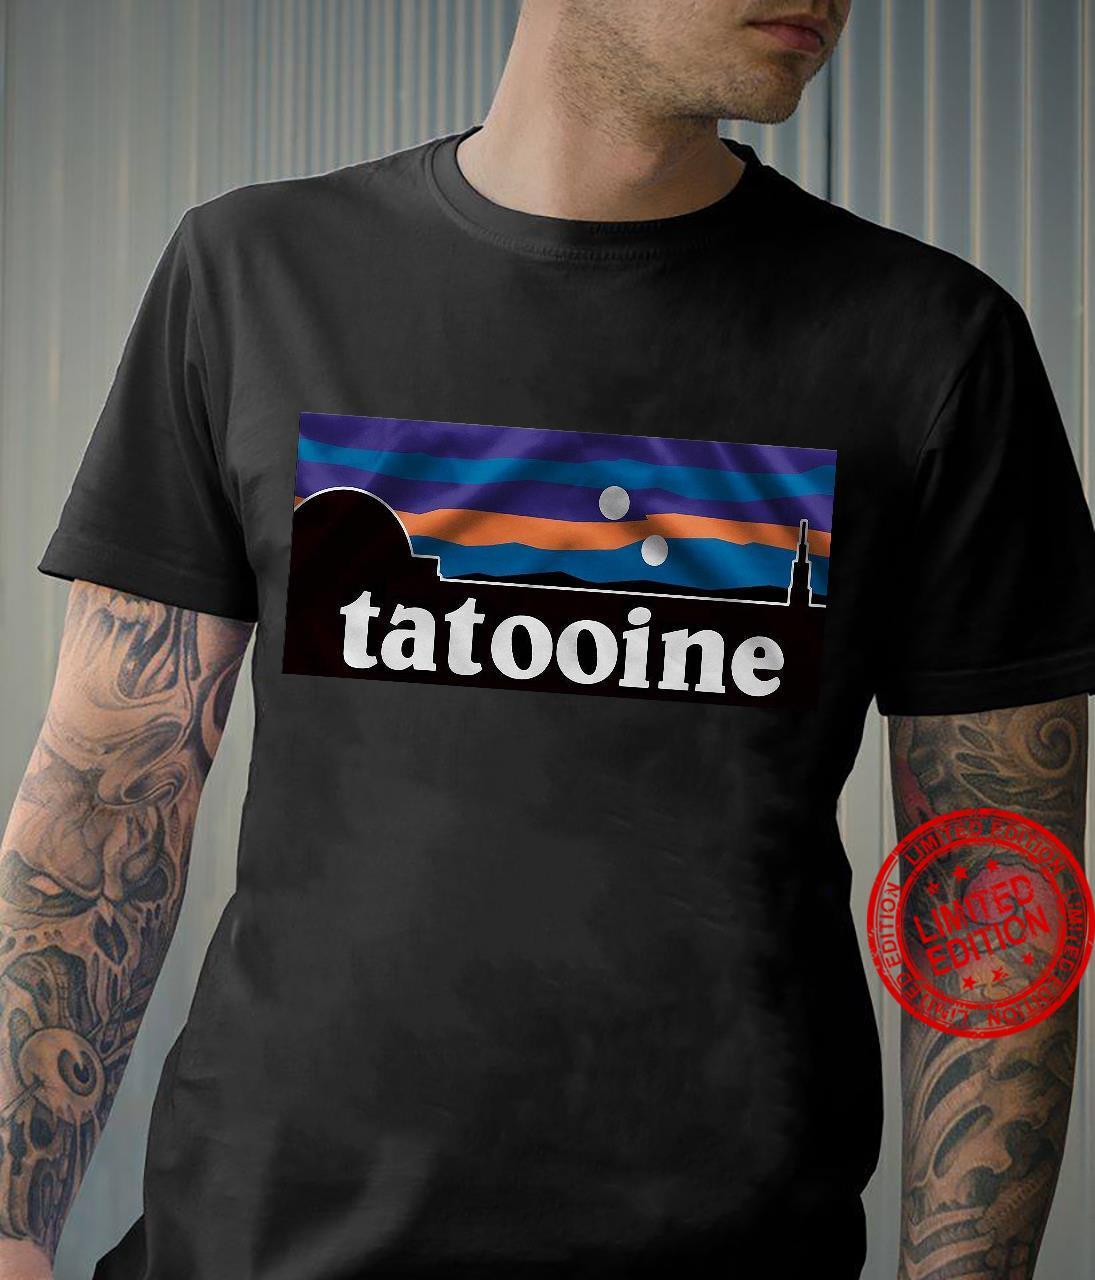 Tatooine Shirt